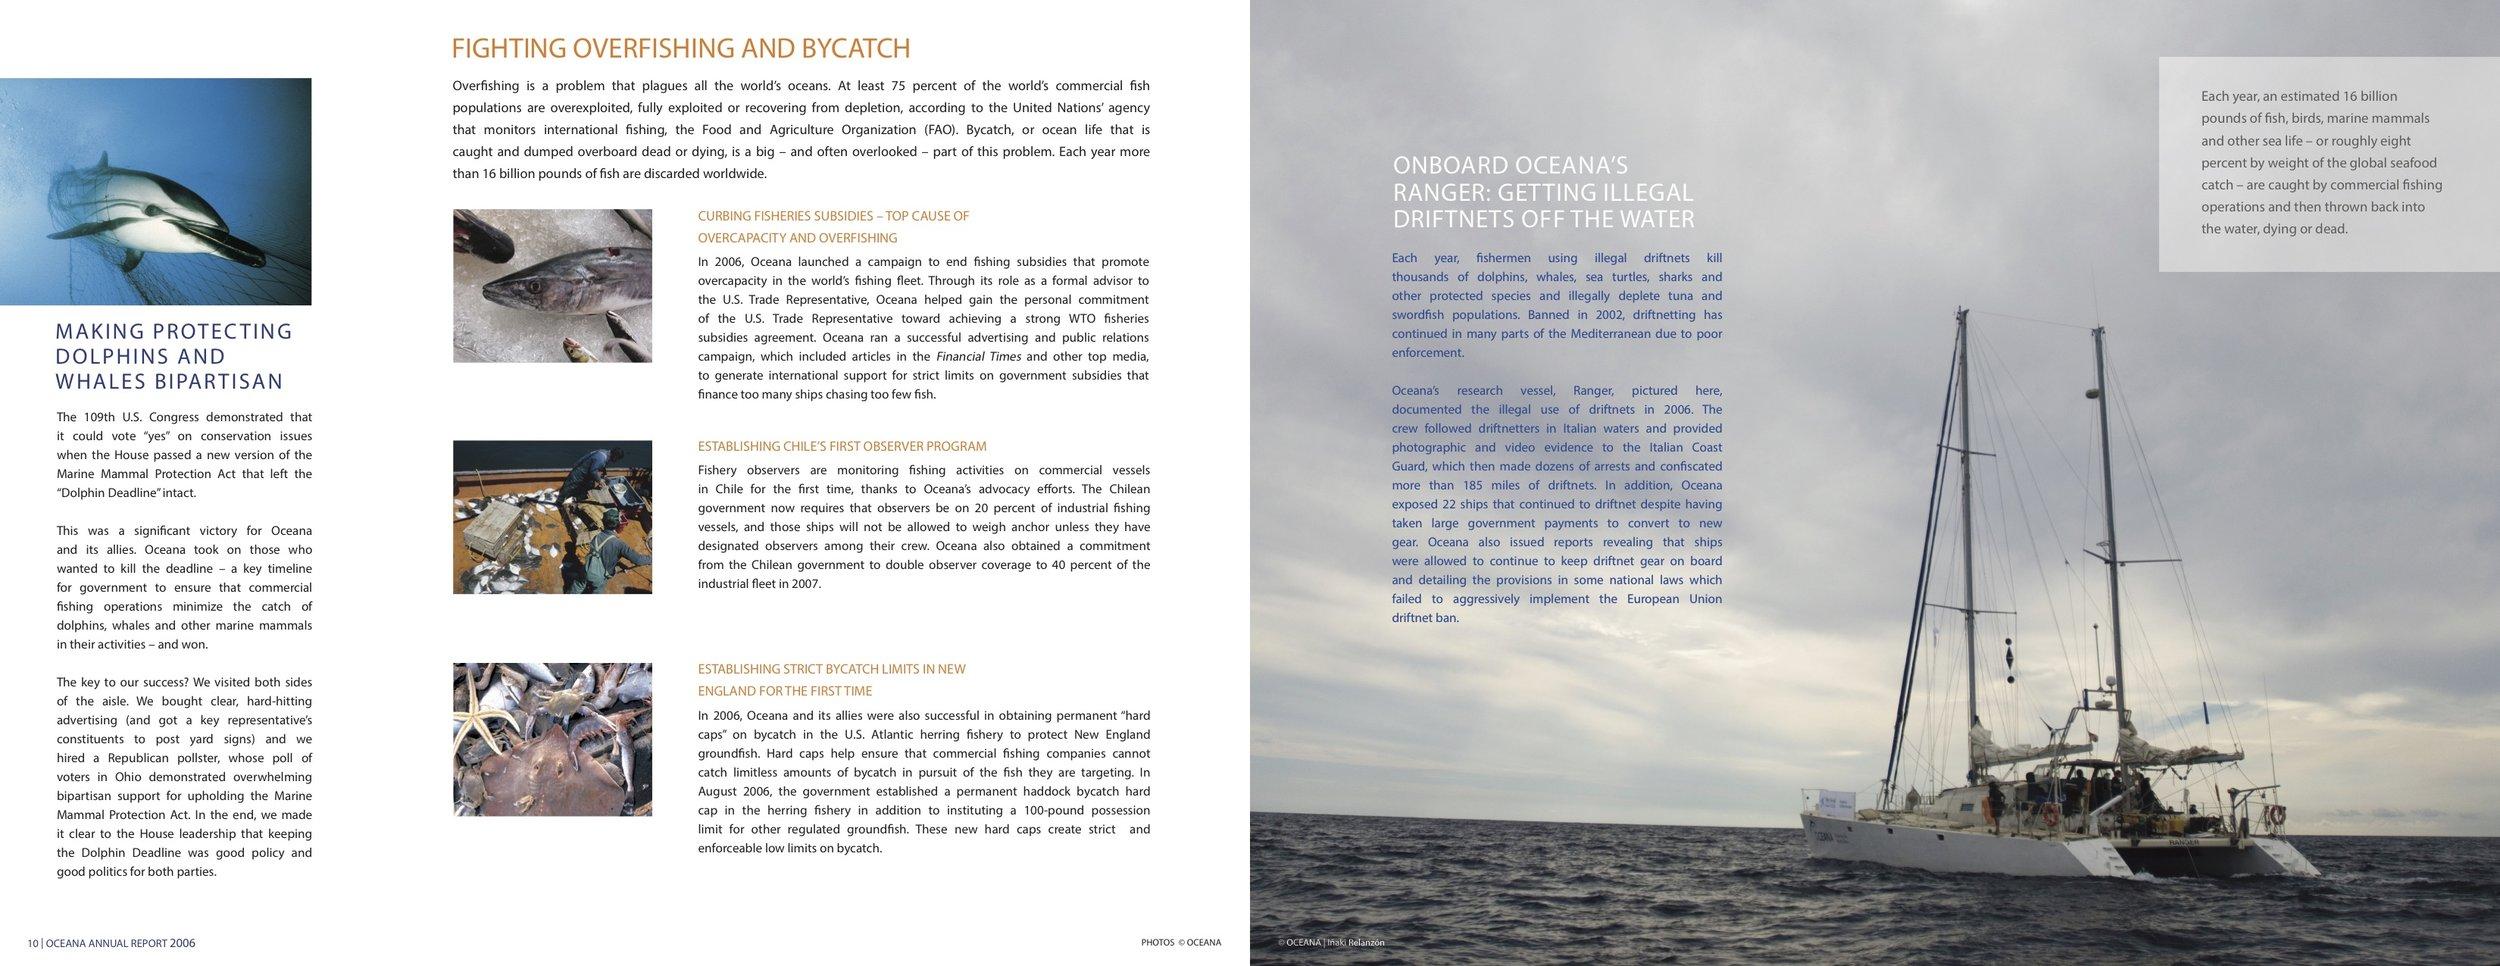 oceana_annualreport_high6.jpg